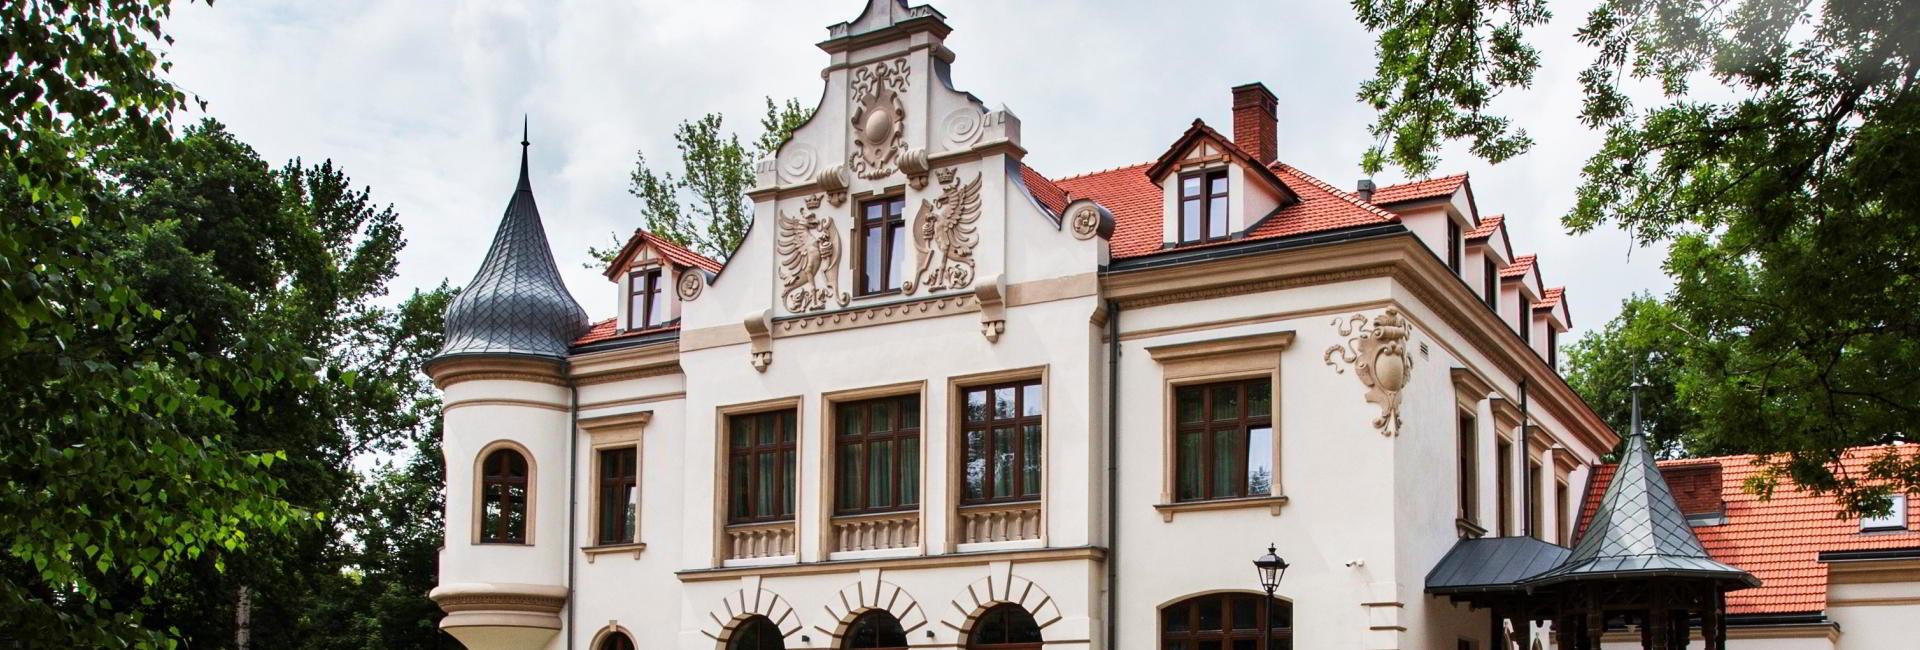 Polanka Palace in Krosno, Podkarpacie